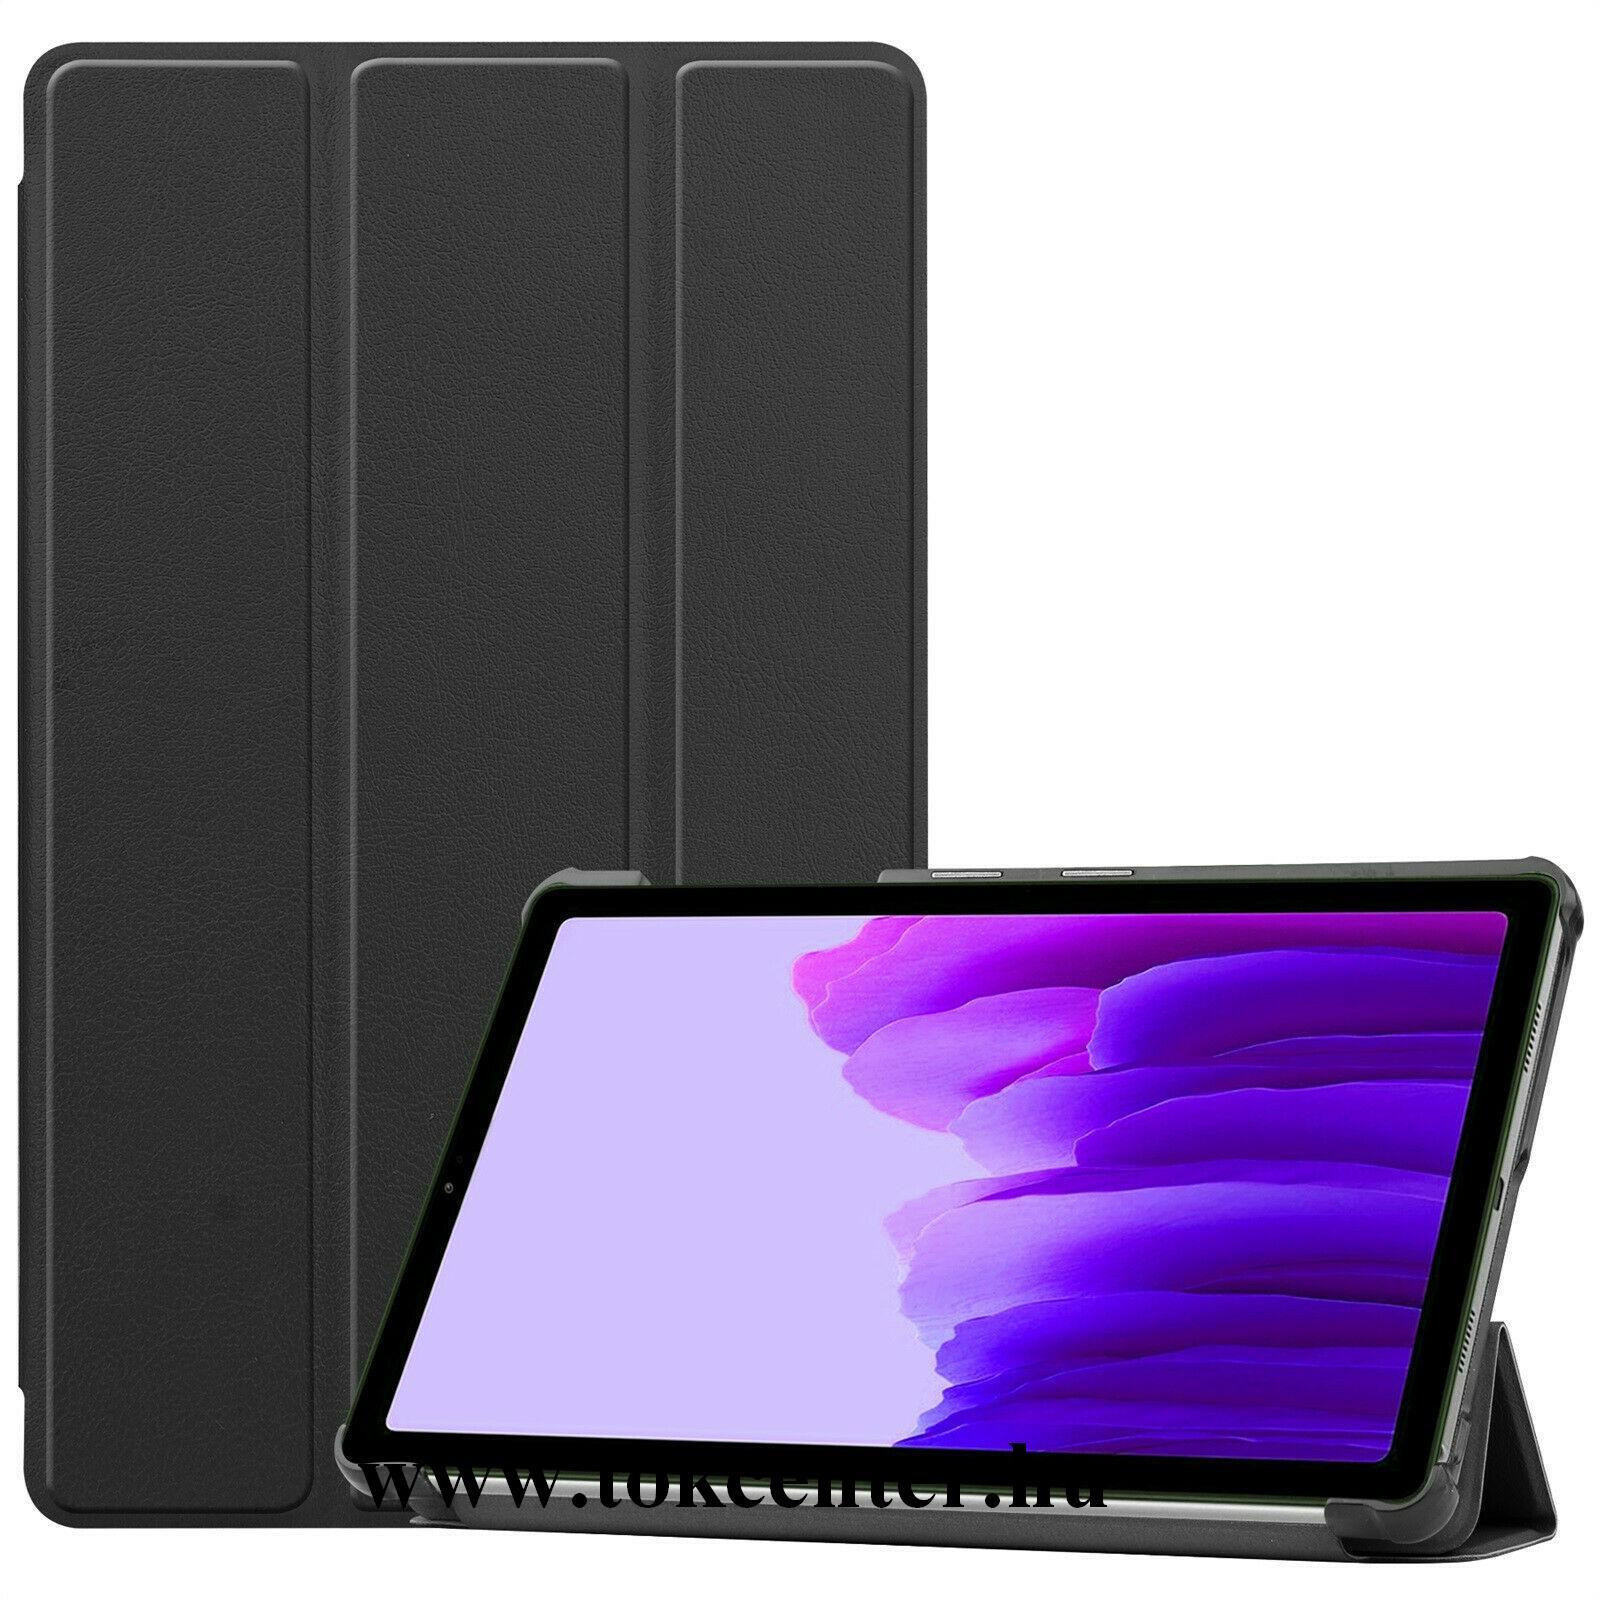 Samsung Galaxy Tab A7 Lite LTE (SM-T225) / Galaxy Tab A7 Lite WIFI (SM-T220) Tok álló, bőr hatású (aktív flip, oldalra nyíló, TRIFOLD asztali tartó funkció) FEKETE